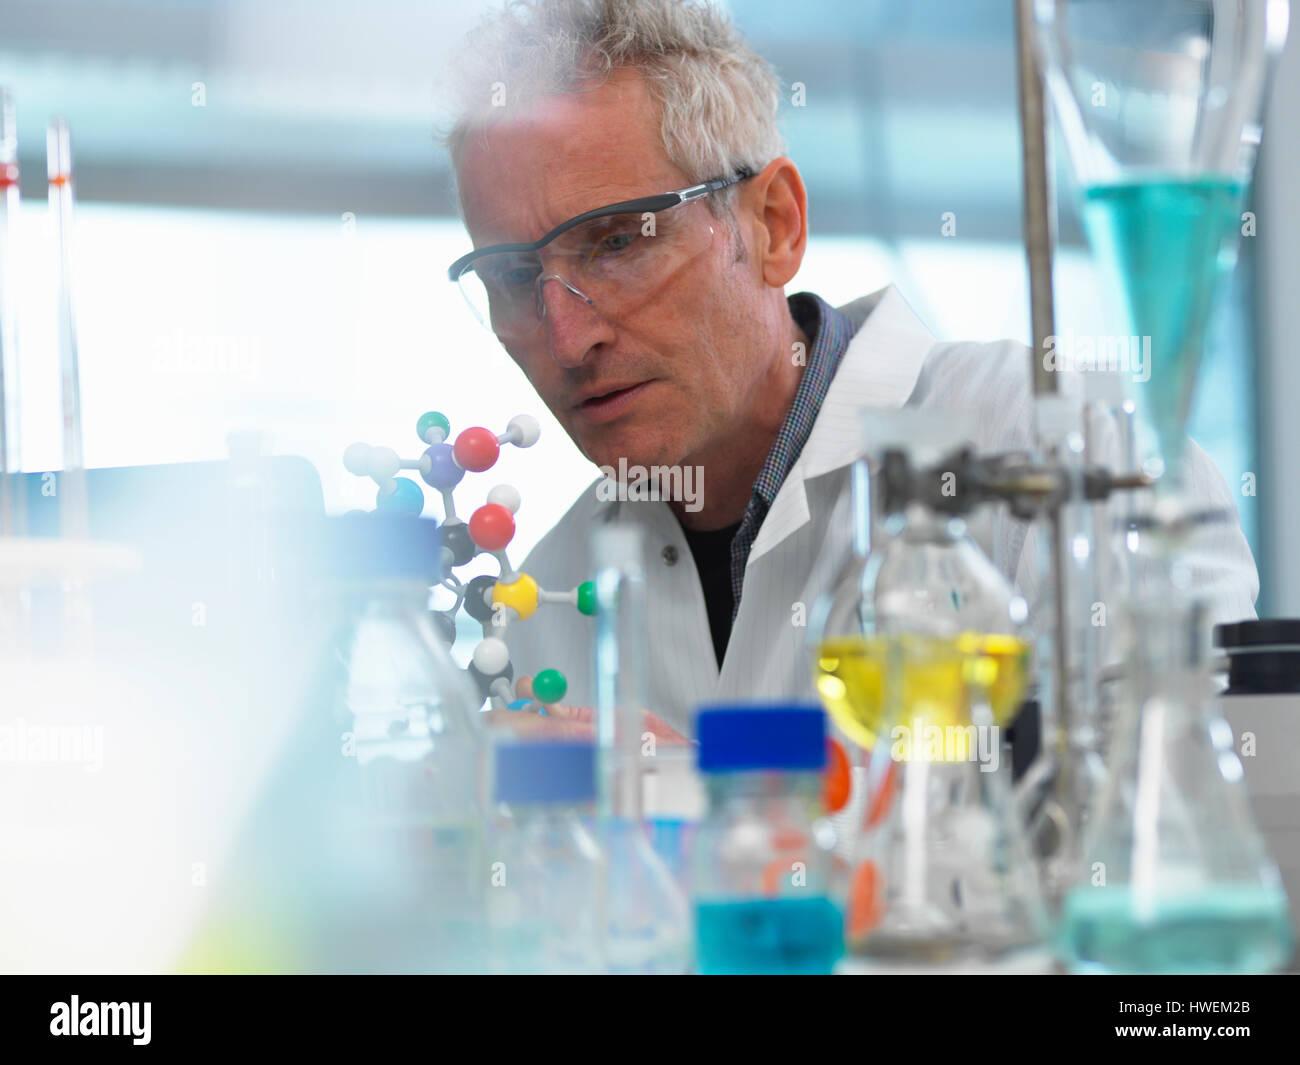 Forscher mit Hilfe eines molekularen Modells um zu verstehen, eine chemische Formel in einem Labor Stockbild